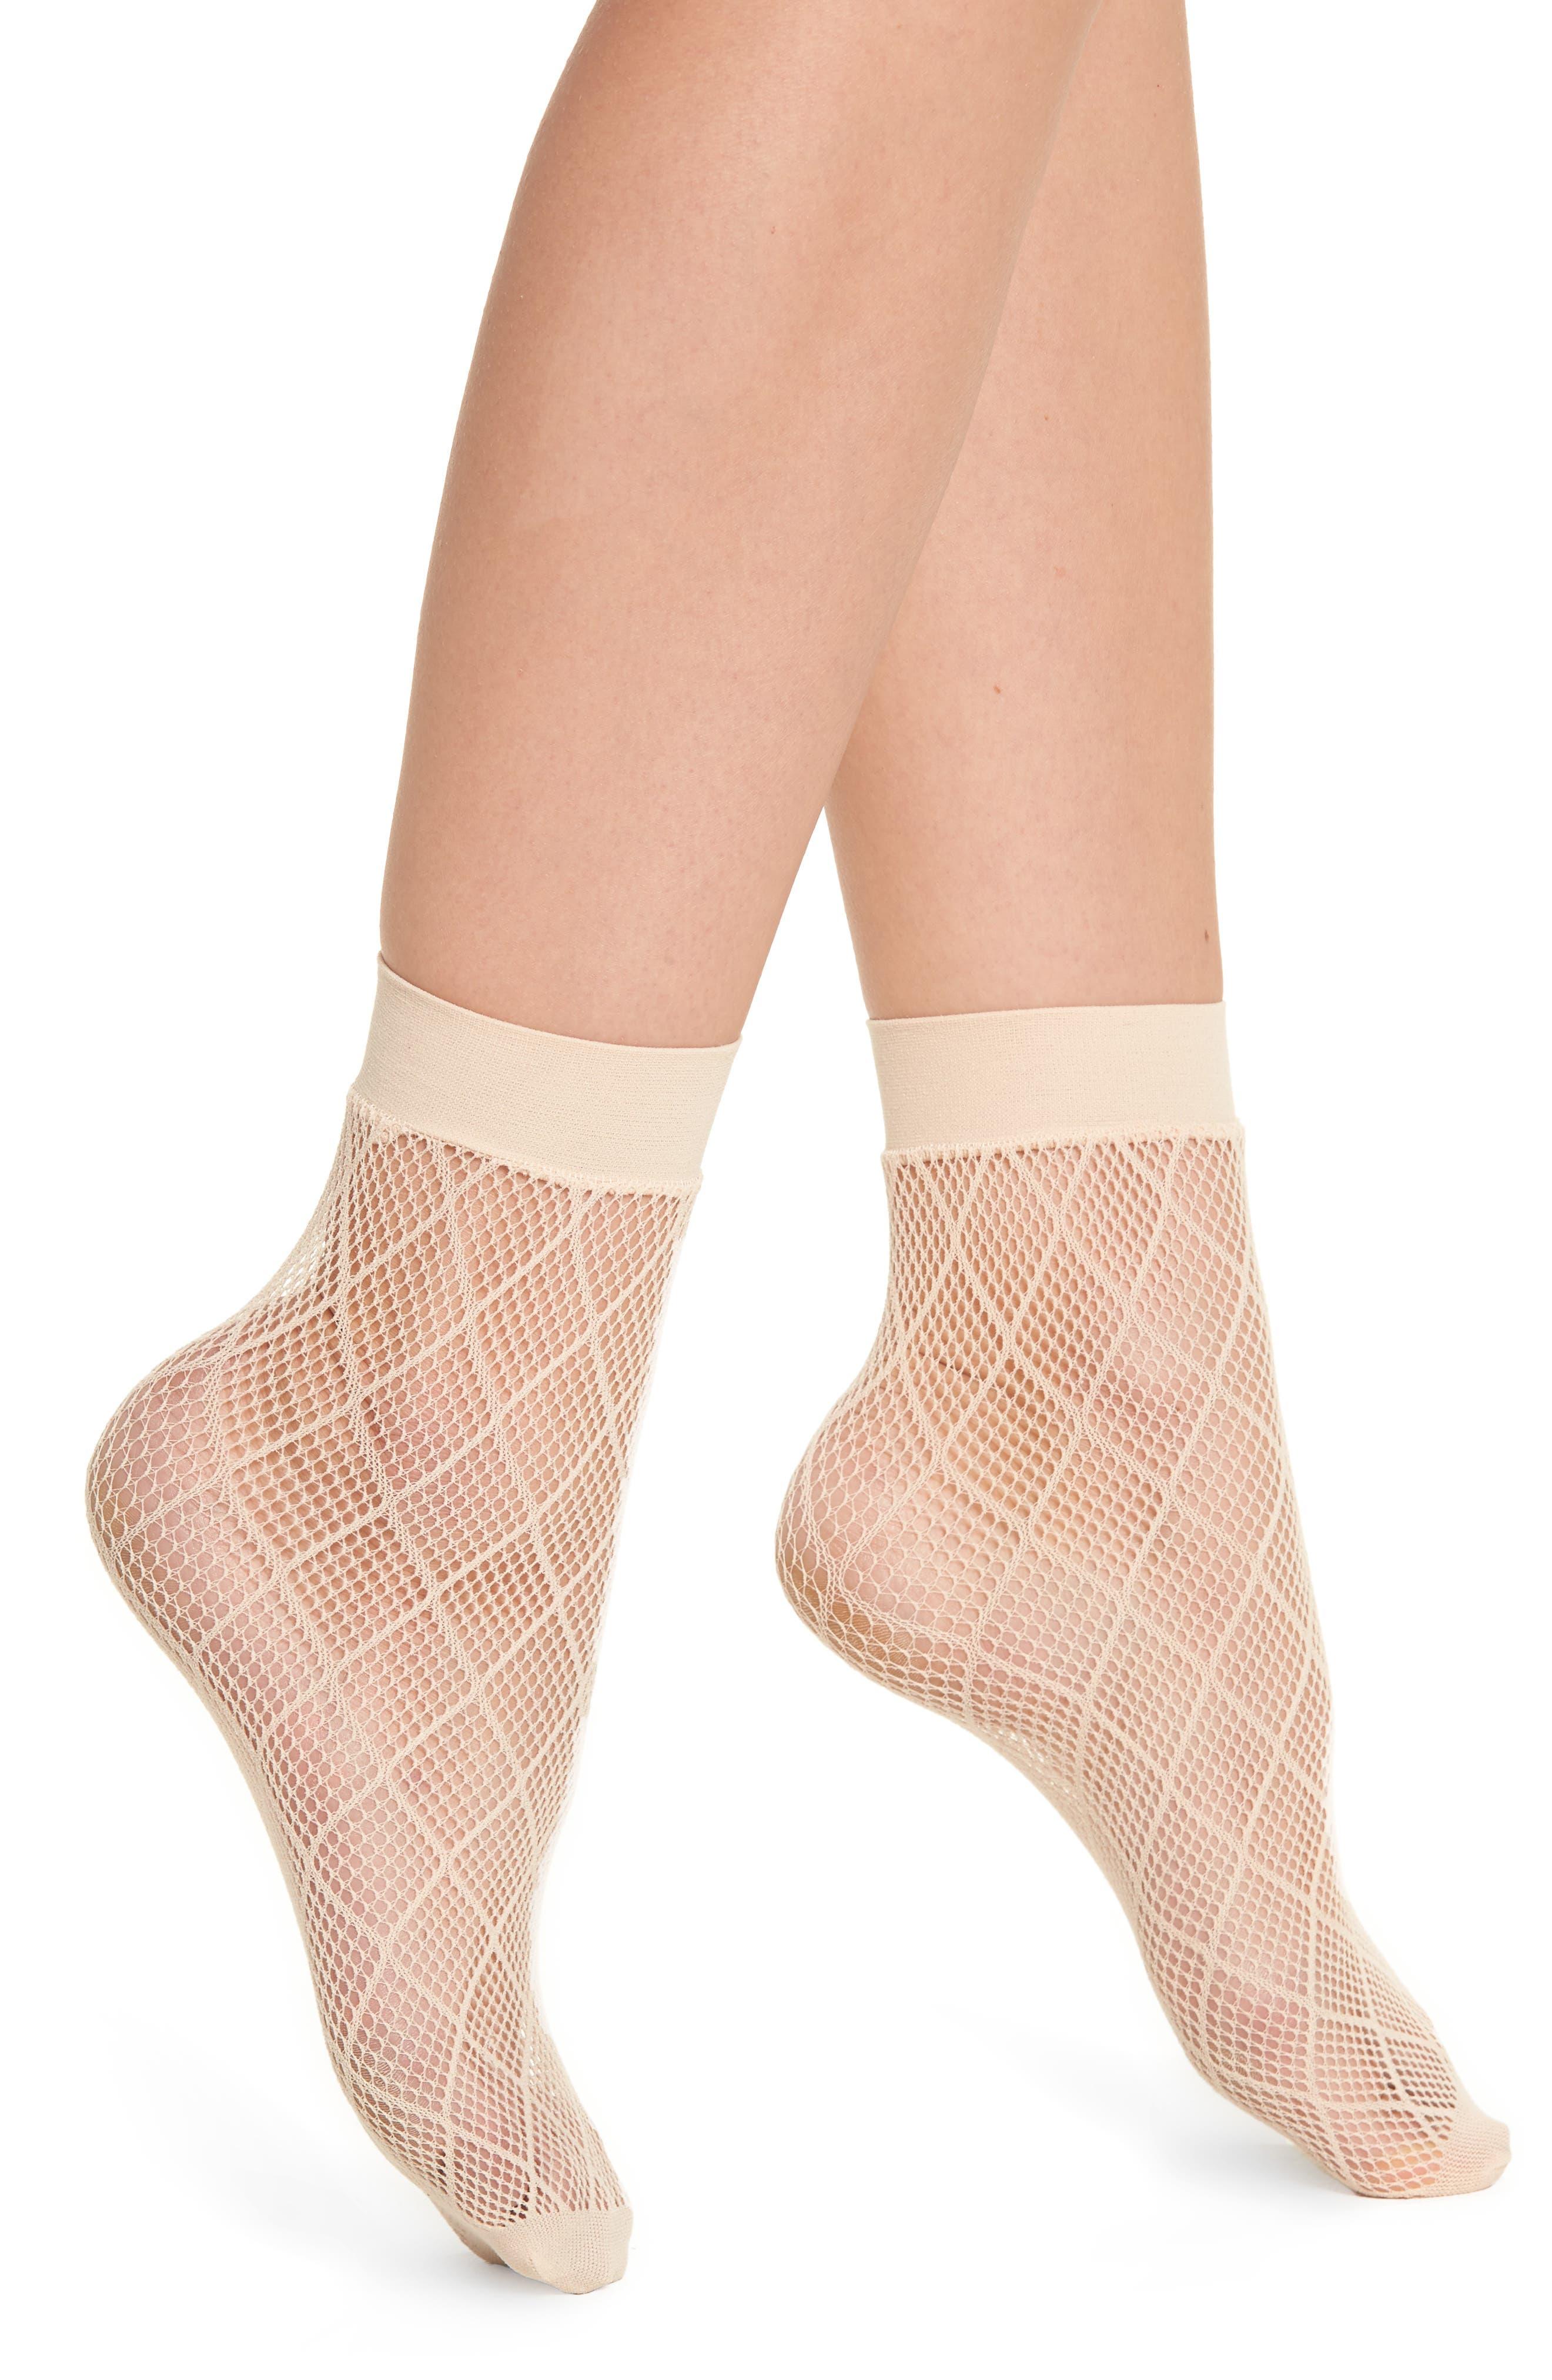 Alternate Image 1 Selected - Nordstrom Diamond Fishnet Ankle Socks